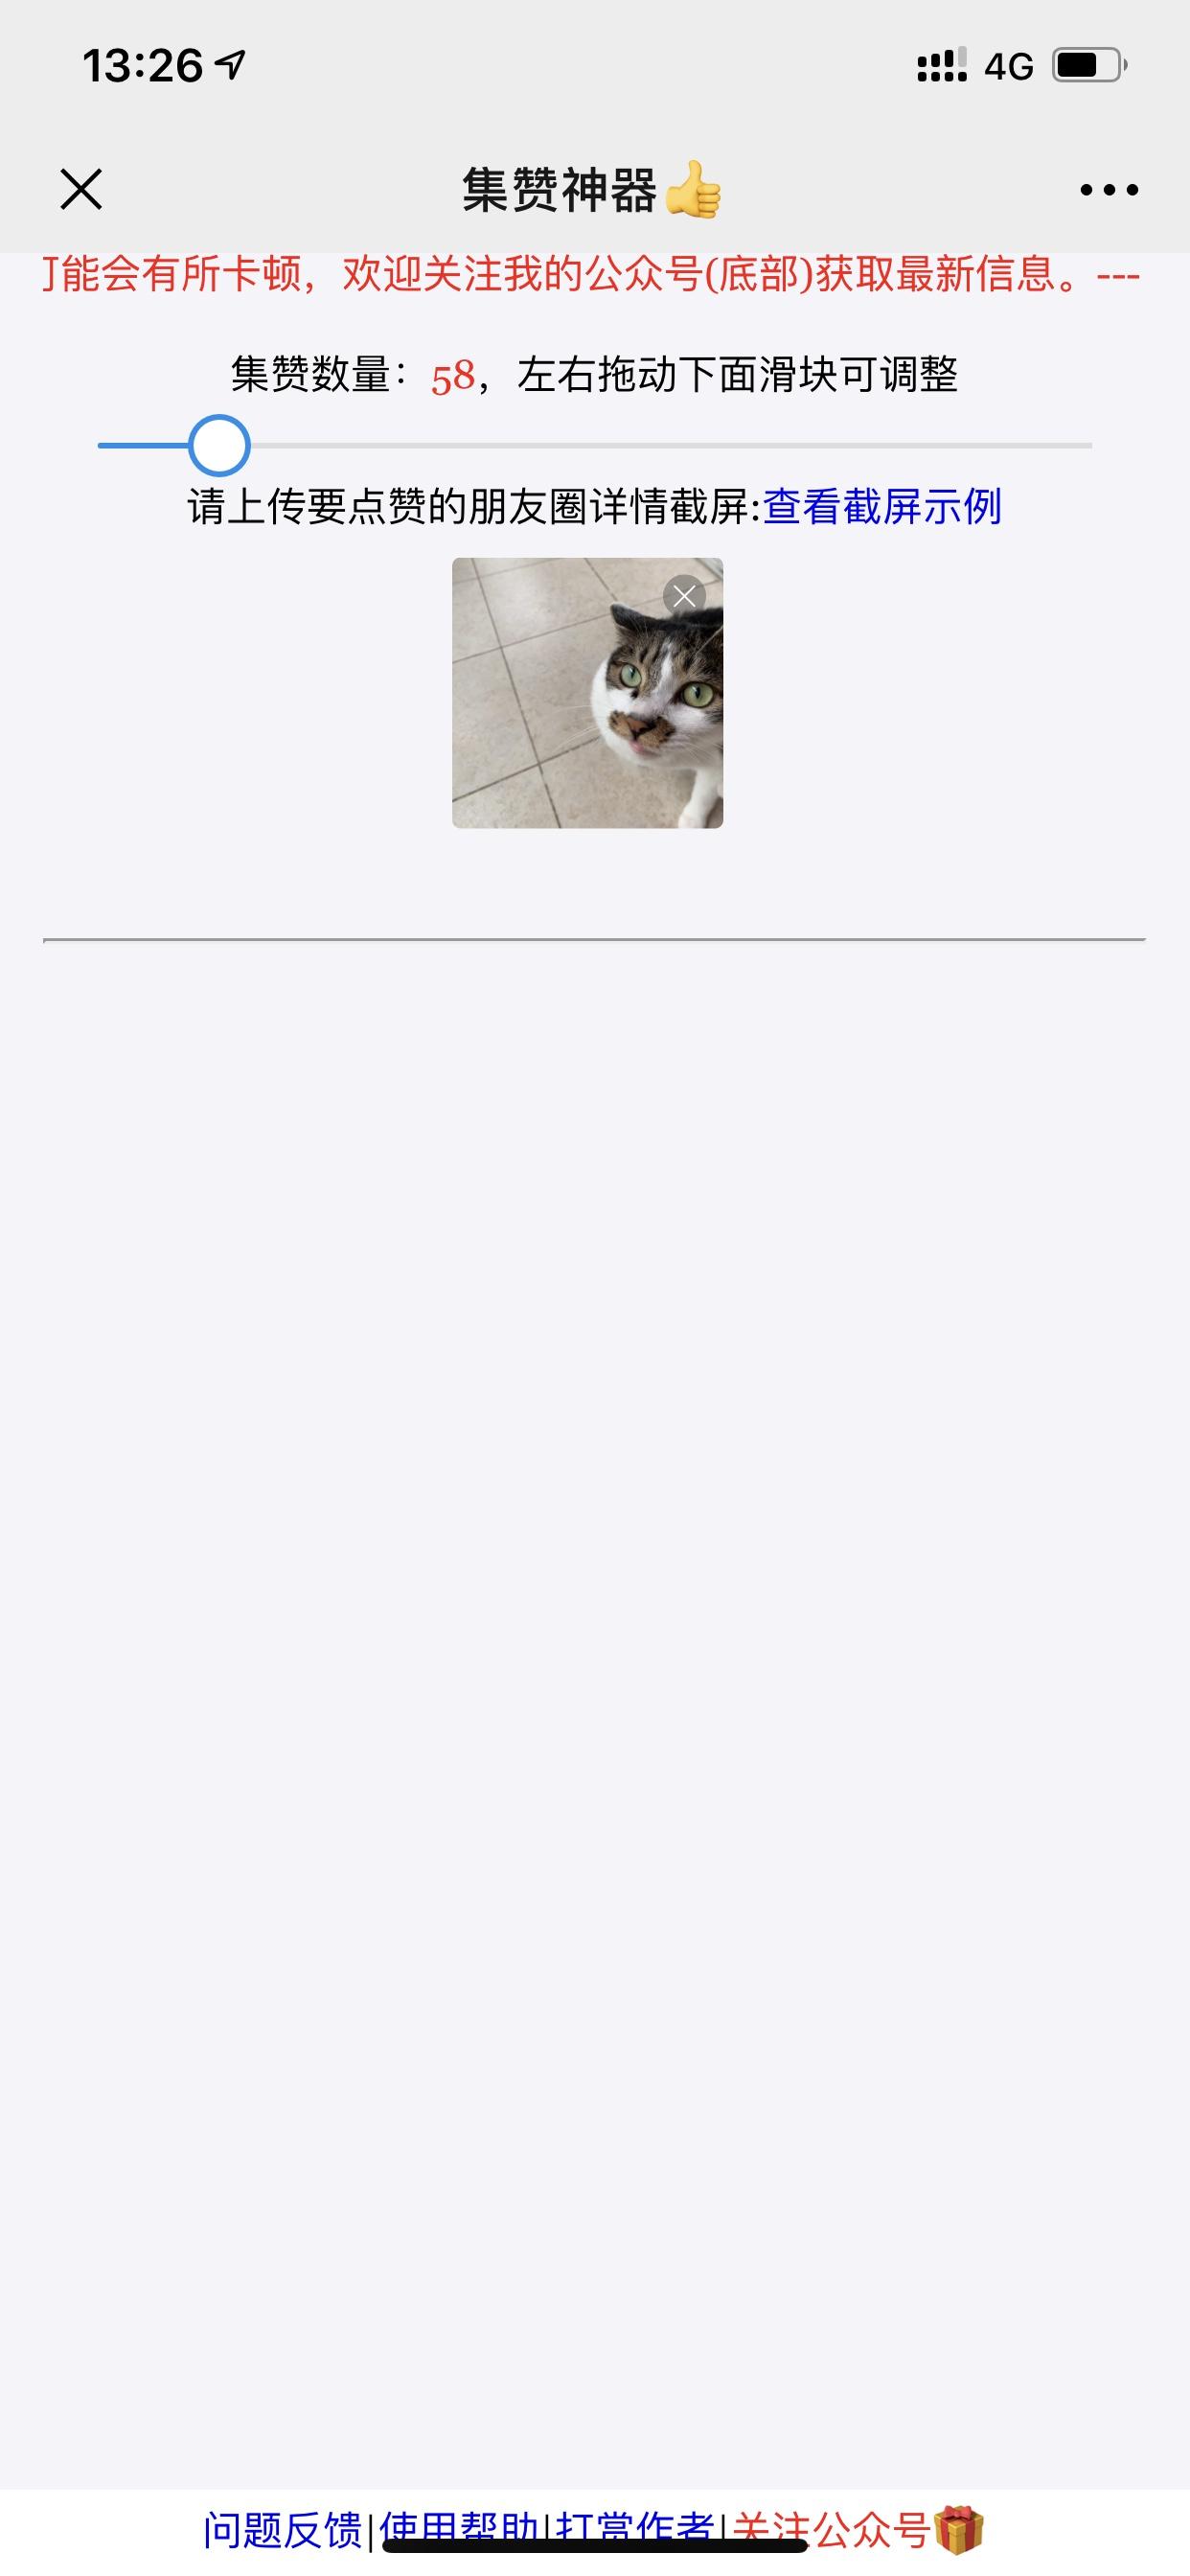 微信朋友圈点赞生成器免费版软件app图1: